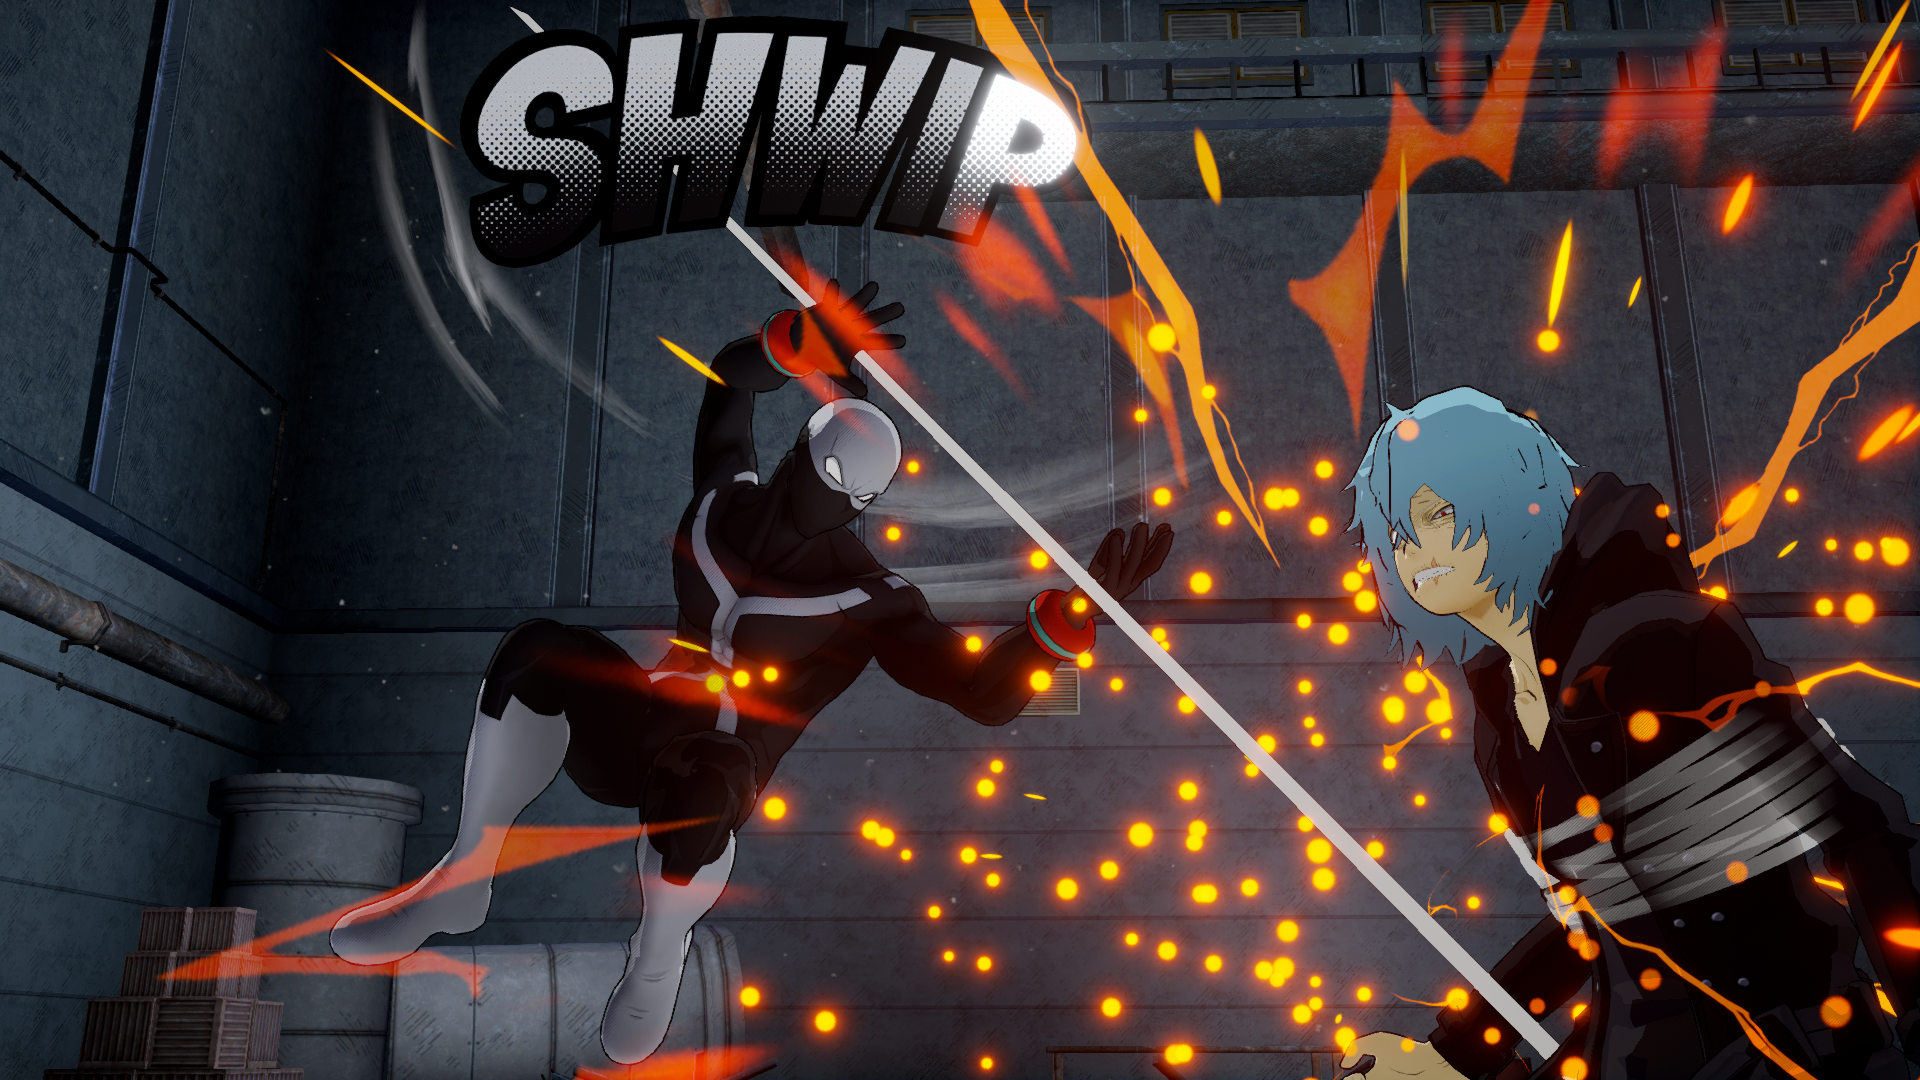 49651432632 3fe0ee168f o - Ein My Hero One's Justice 2′-Guide zu den neuen Charakteren des Arena Fighters für PS4